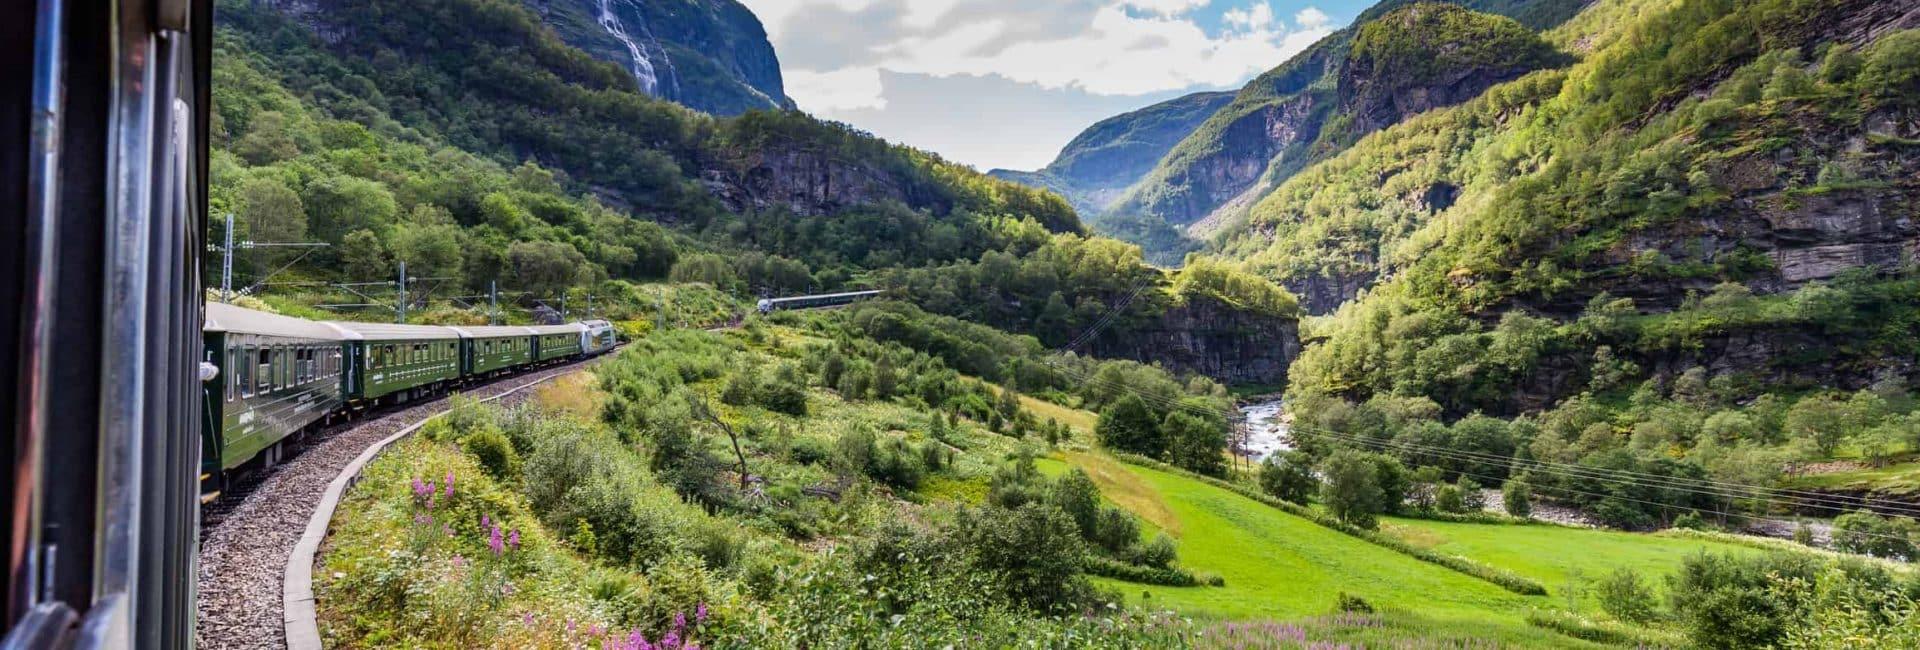 Norges smukke landskab fra tog